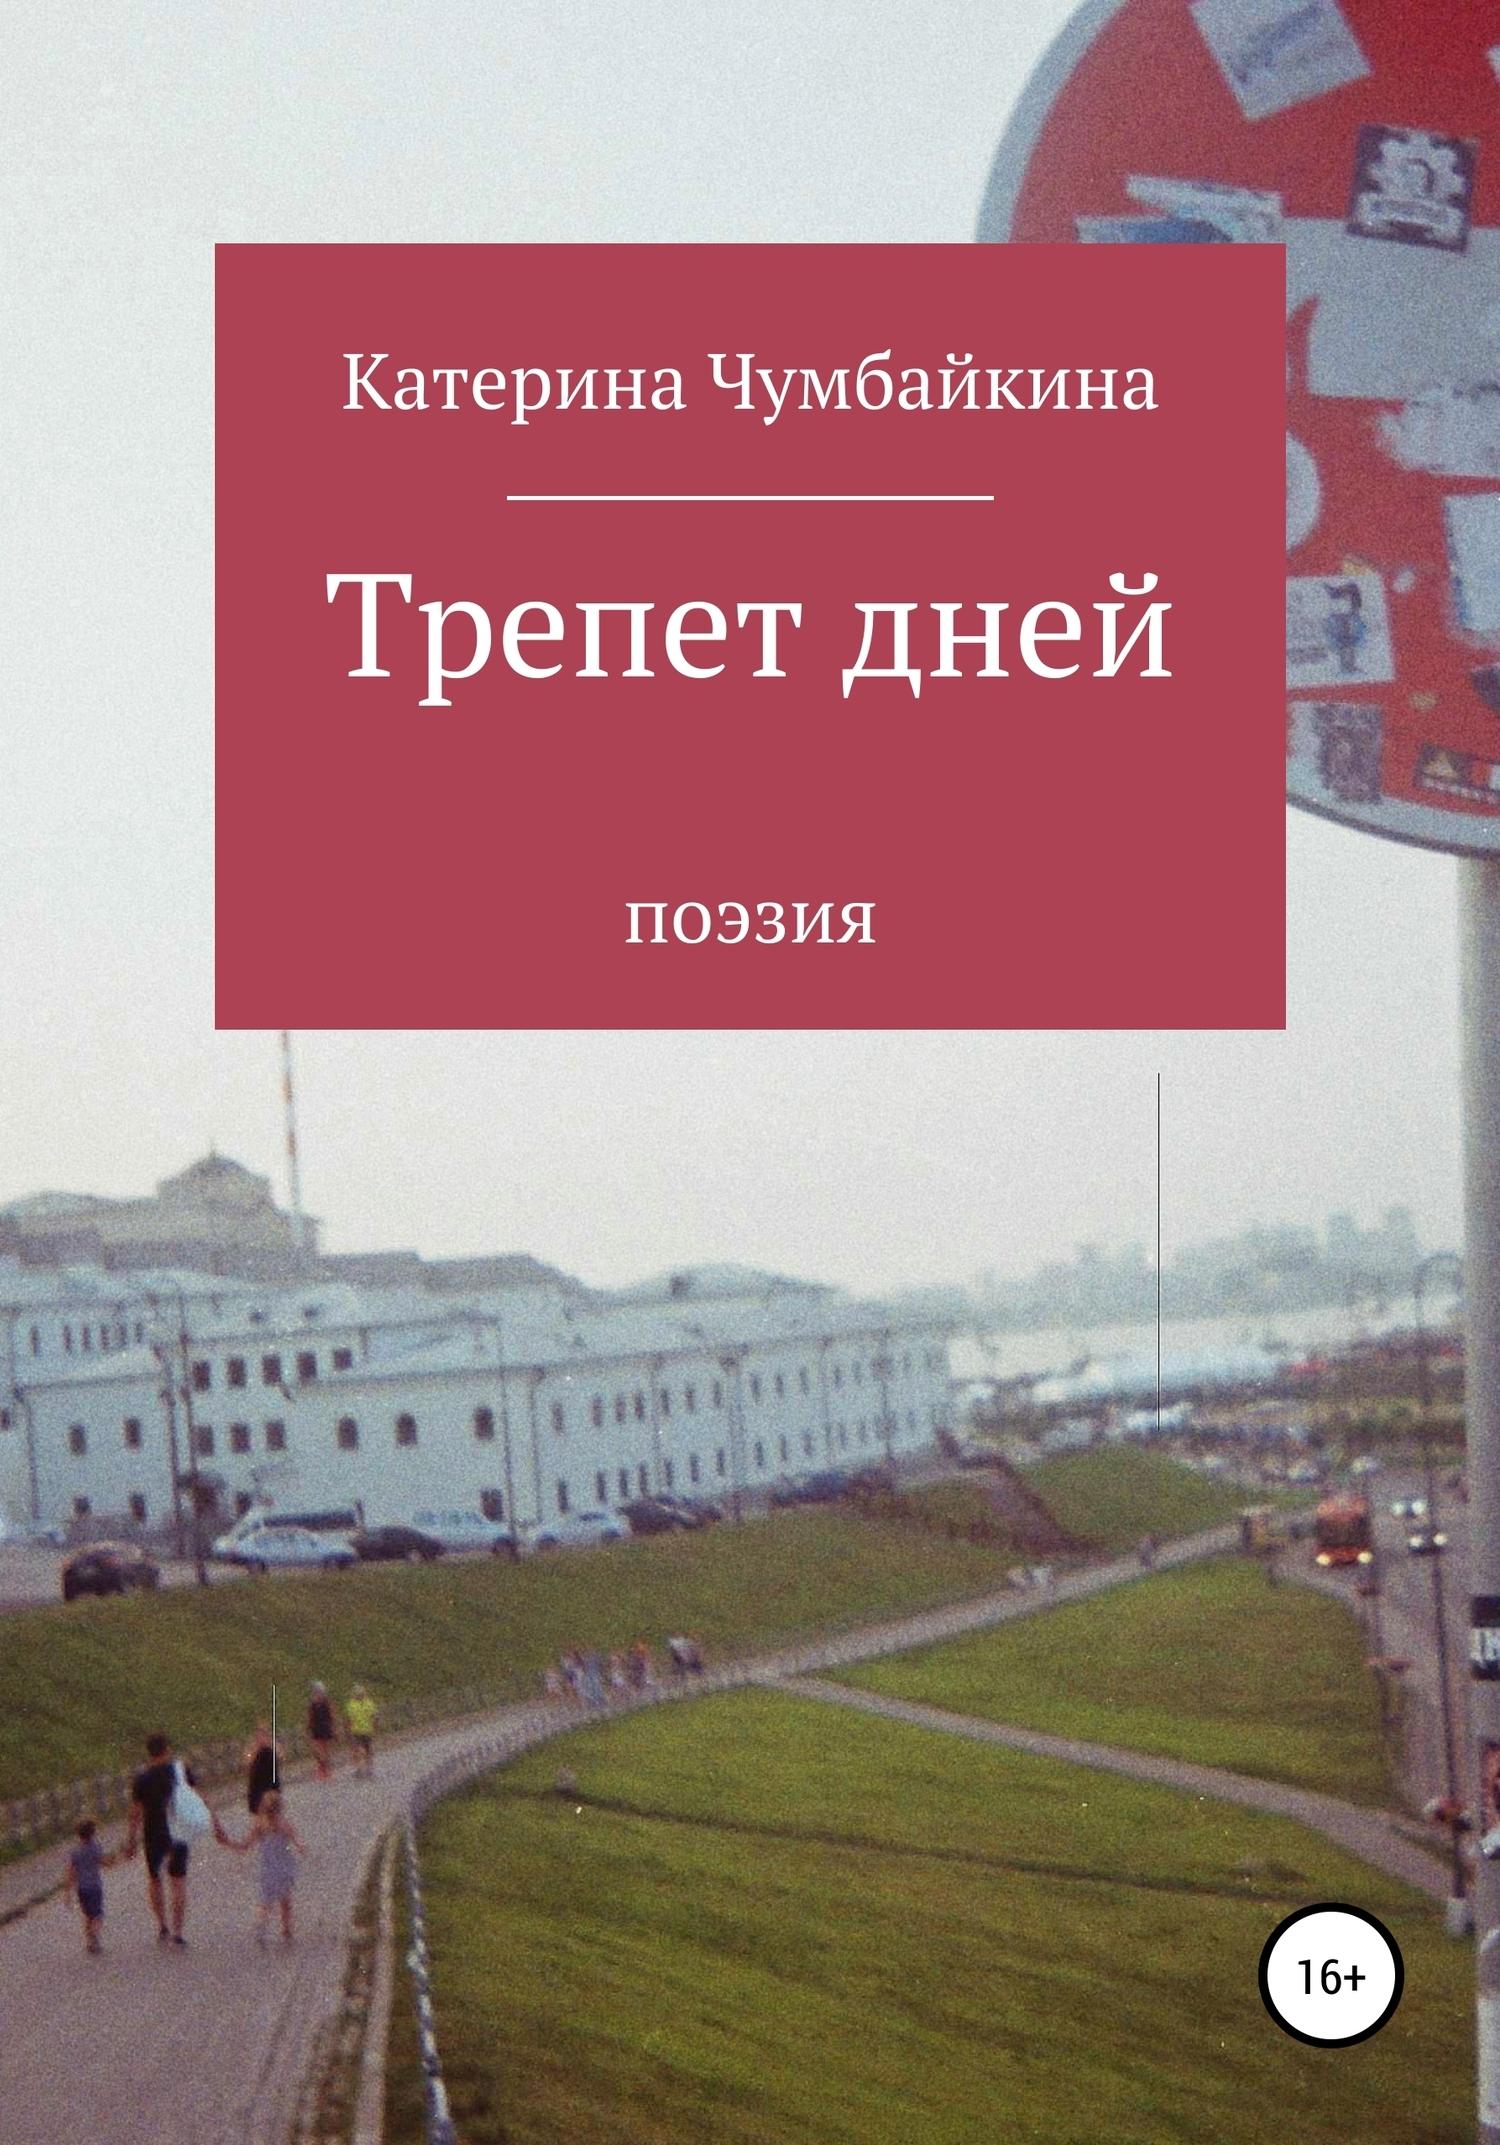 скачать бесплатно книги ошо в формате fb2